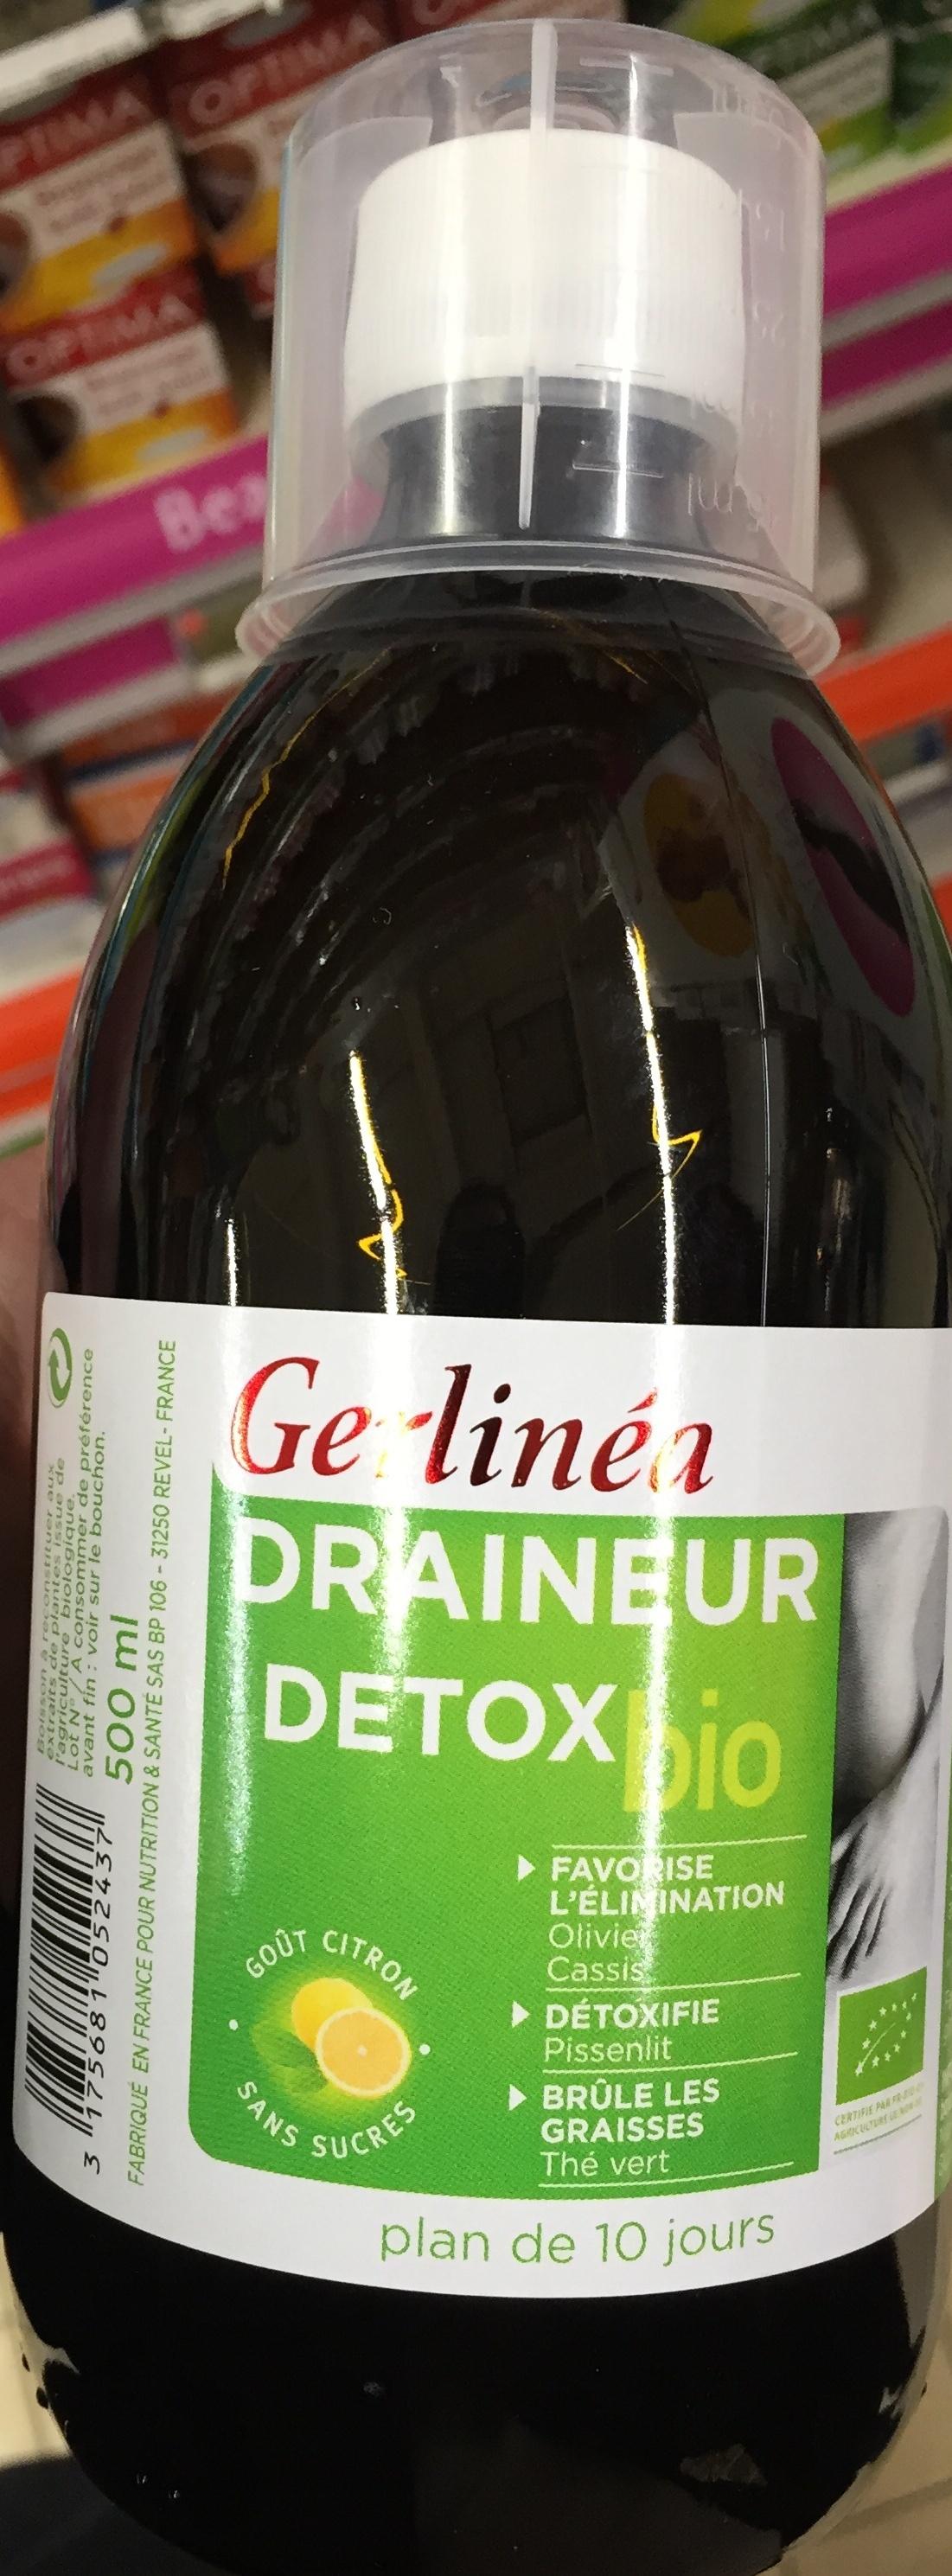 Draineur Detox Bio goût Citron sans sucres - Gerlinéa - 500 ml